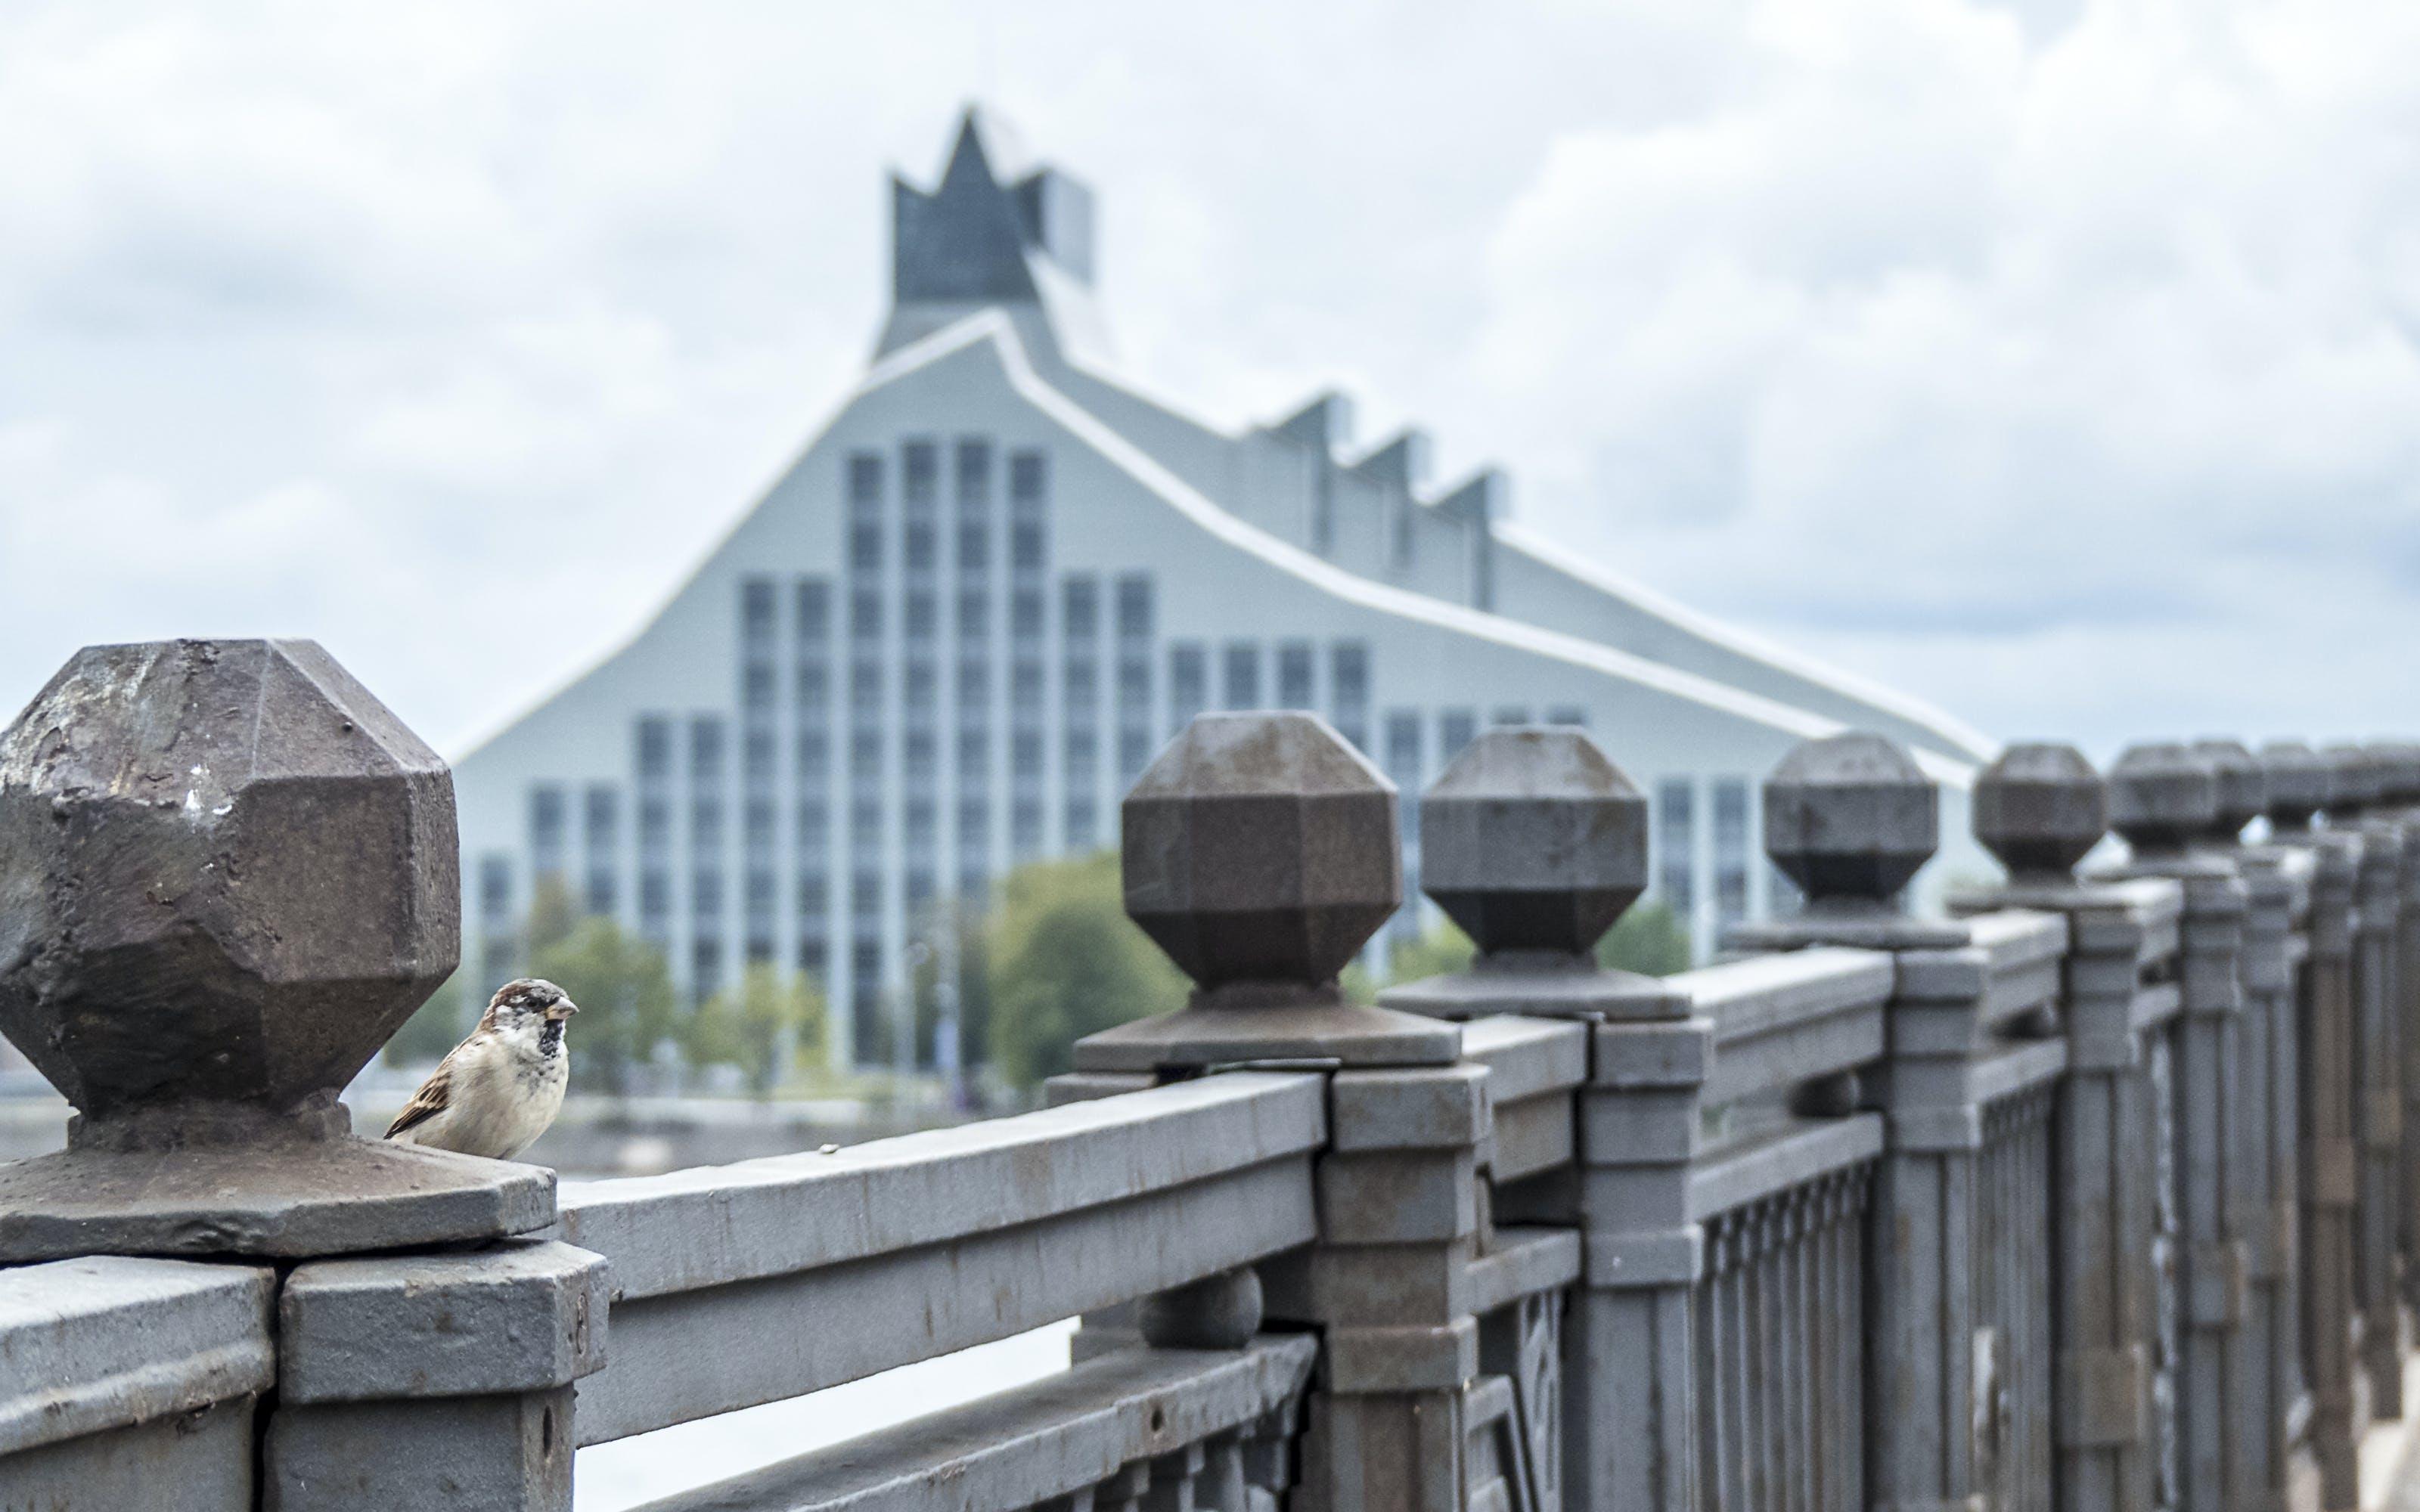 Gratis lagerfoto af bro, Moderne bygning, spurv